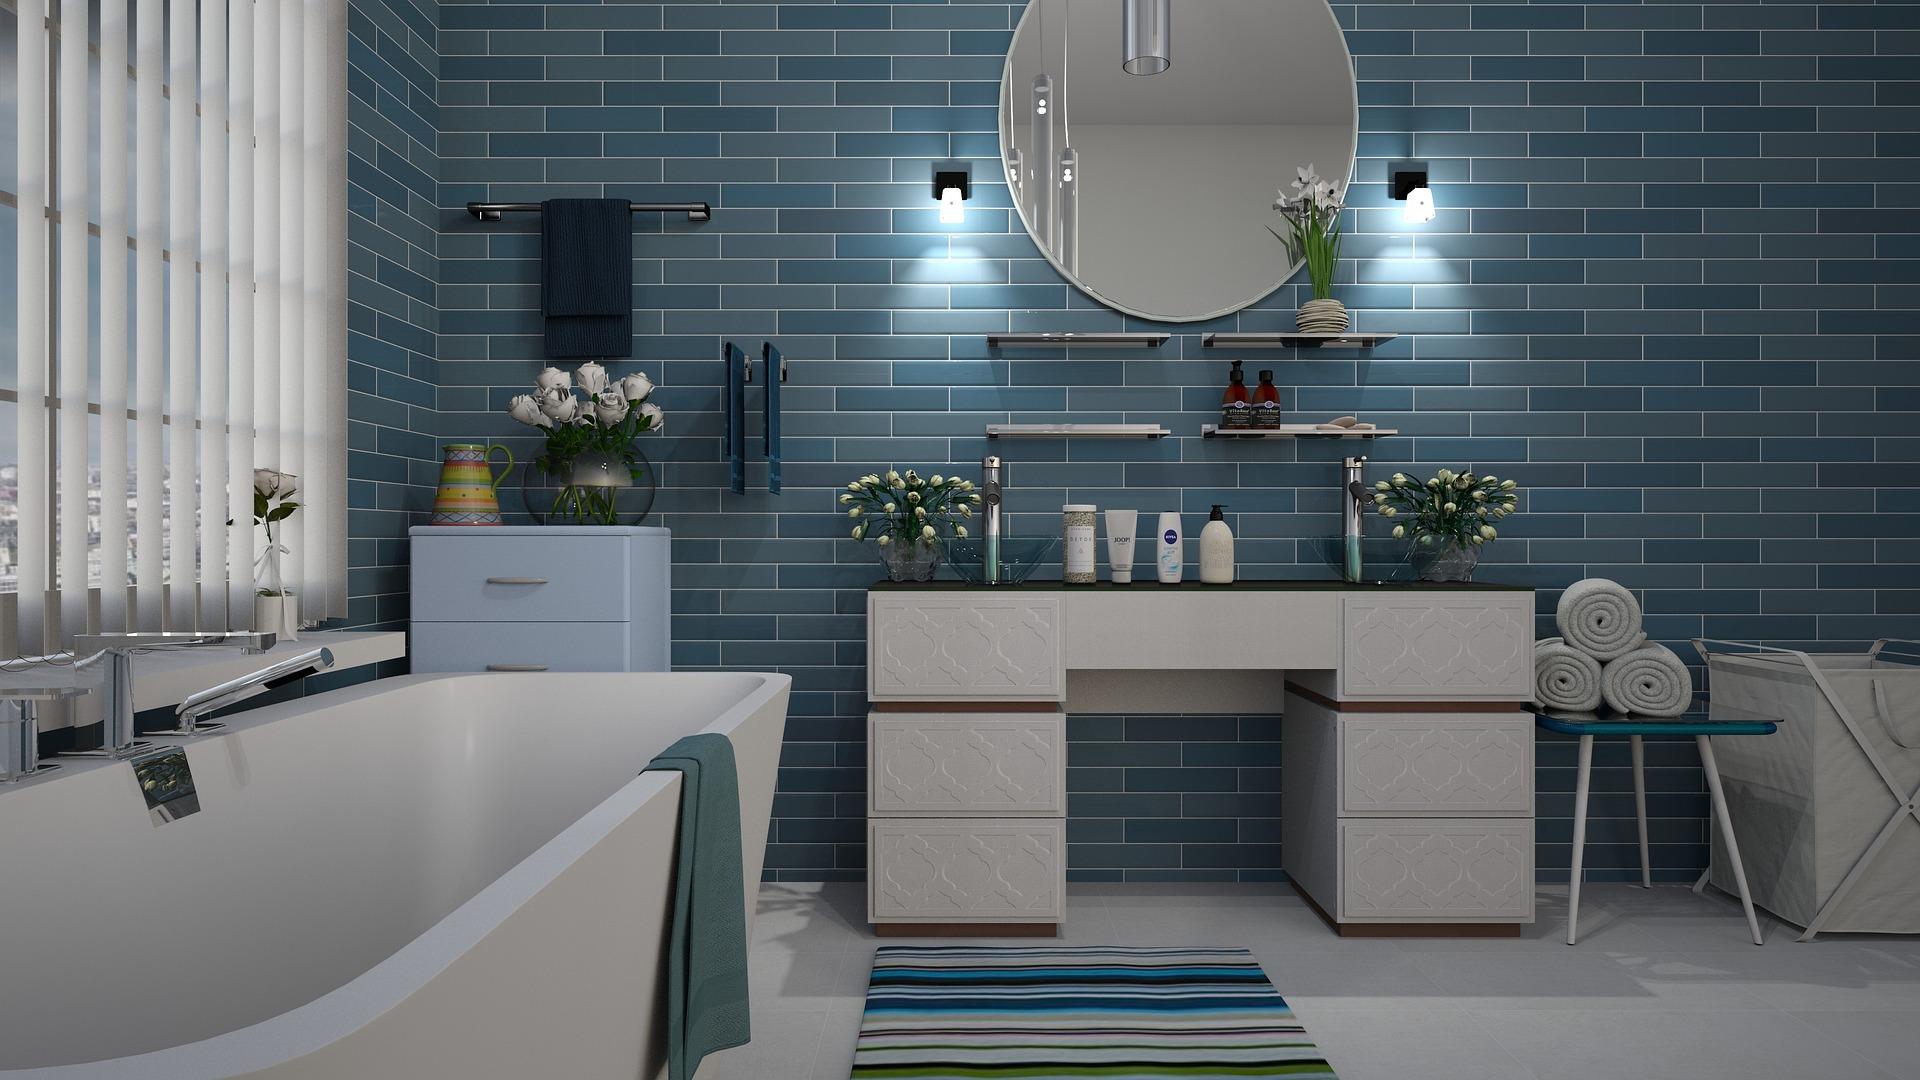 bathroom-3563272_1920